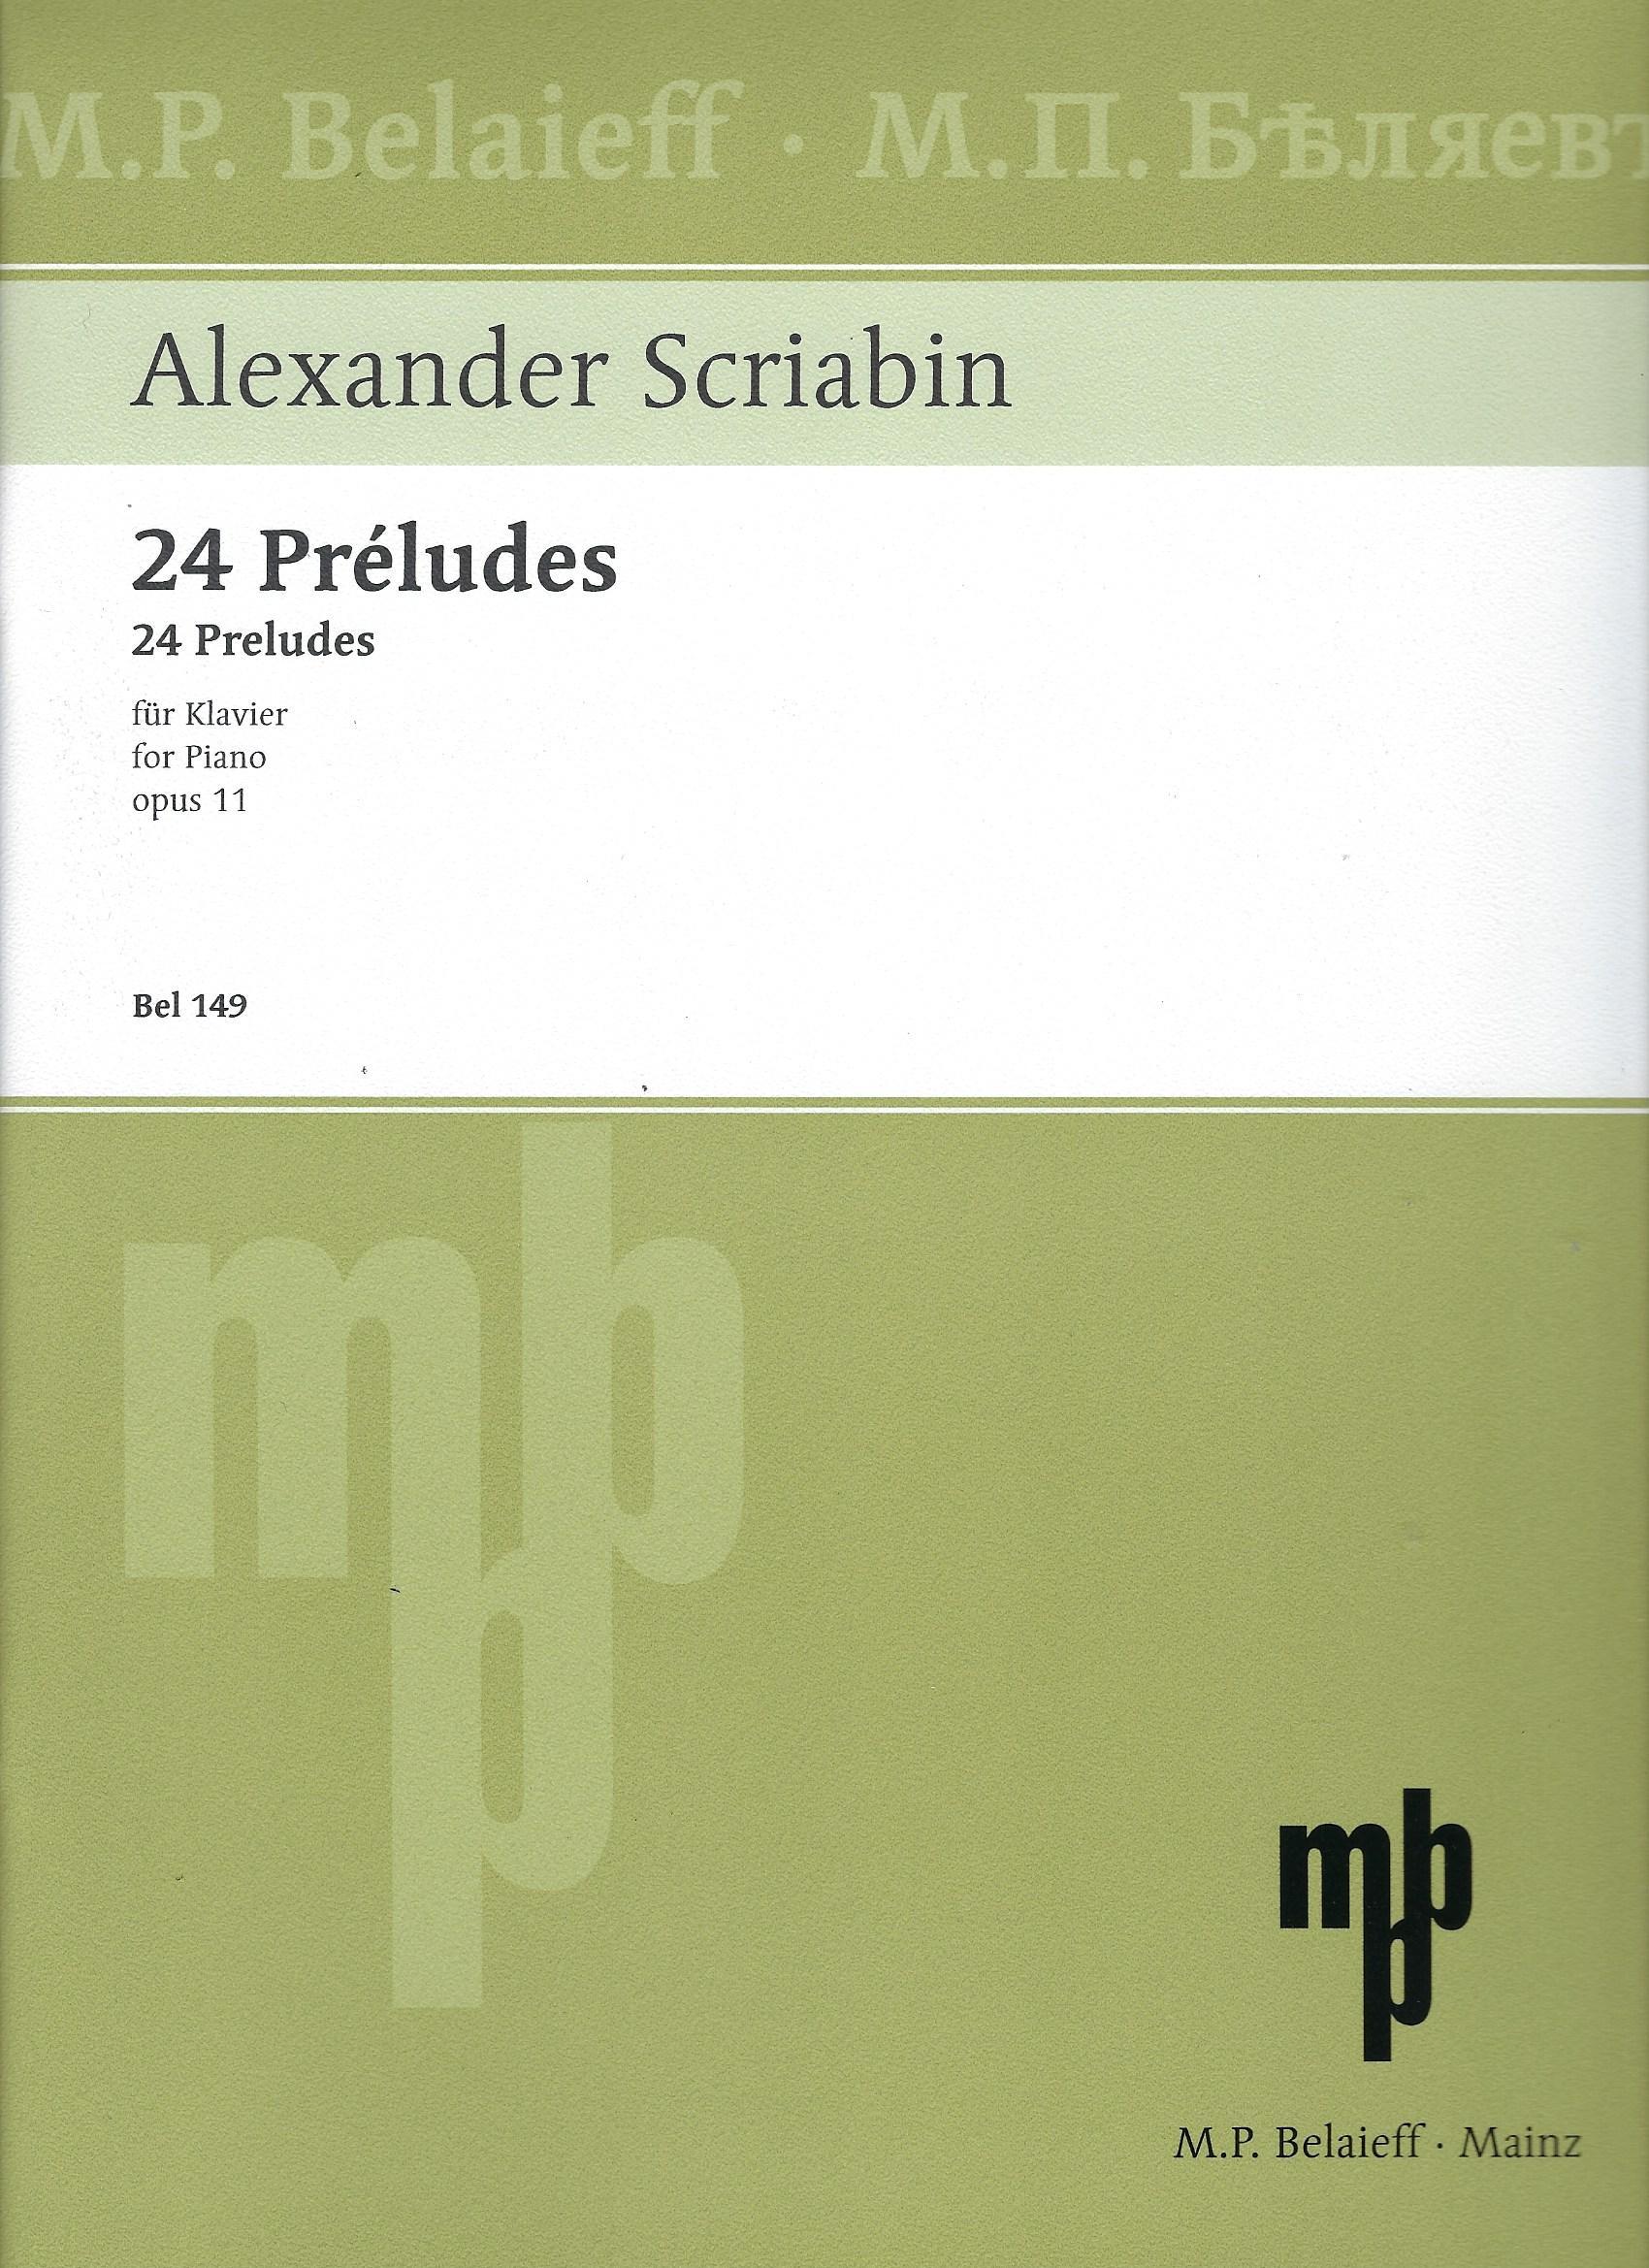 Skrjabin, Alexander :  24 Préludes für Klavier op. 11 (Bel 149) .